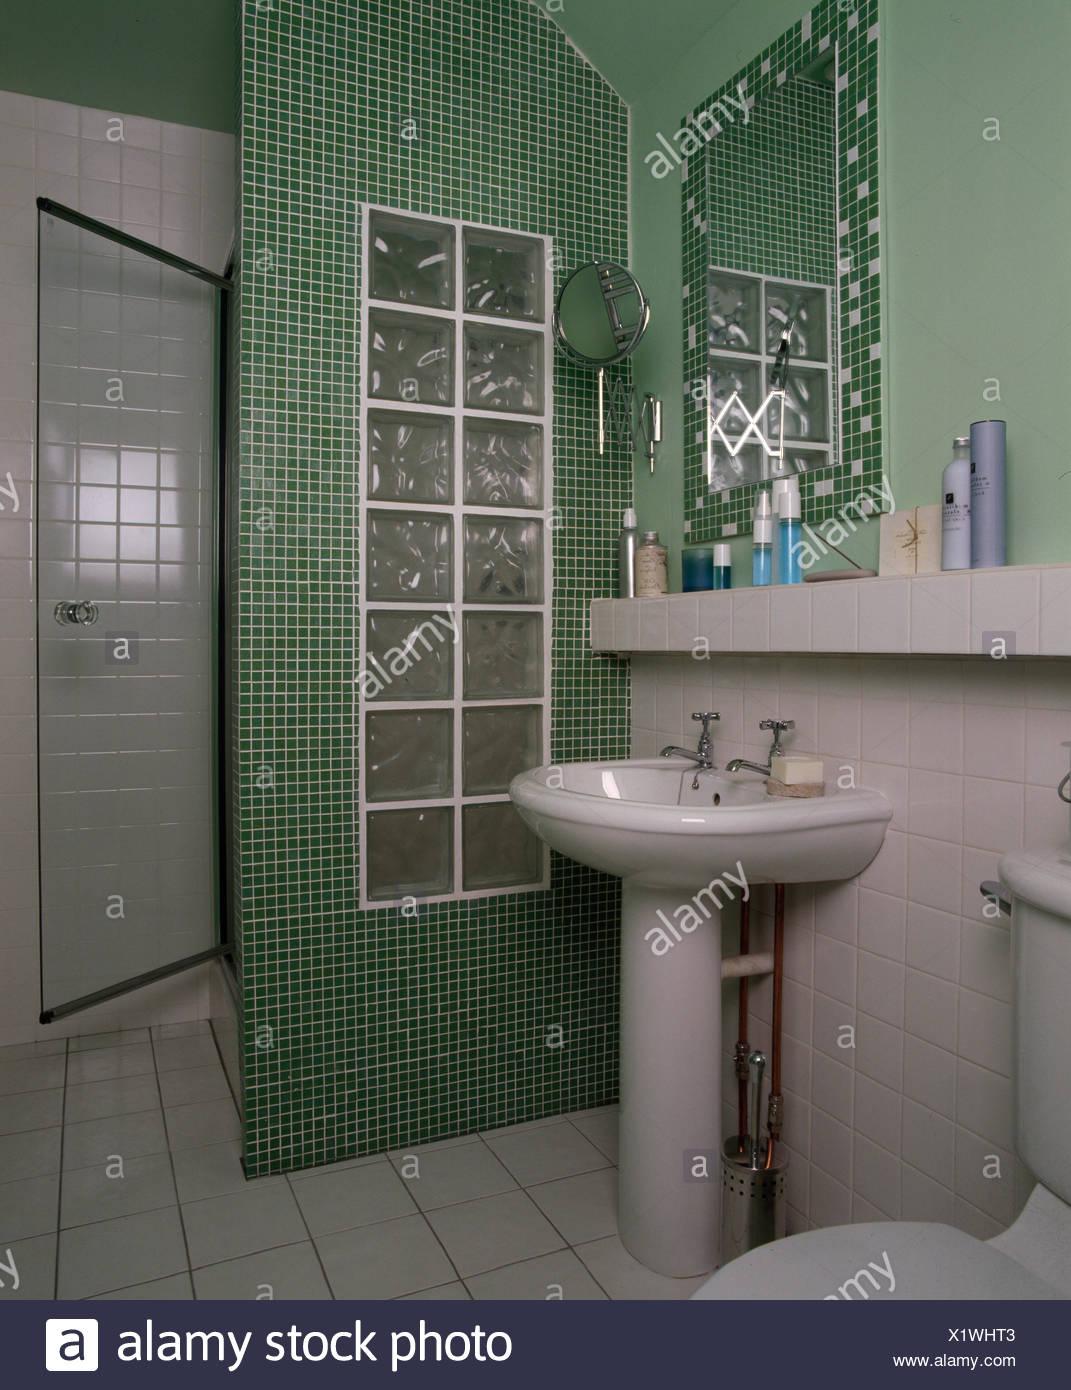 Bagni Con Piastrelle A Mosaico.Piccolo Bagno Con Doccia Formata Da Un Mosaico Di Piastrelle In